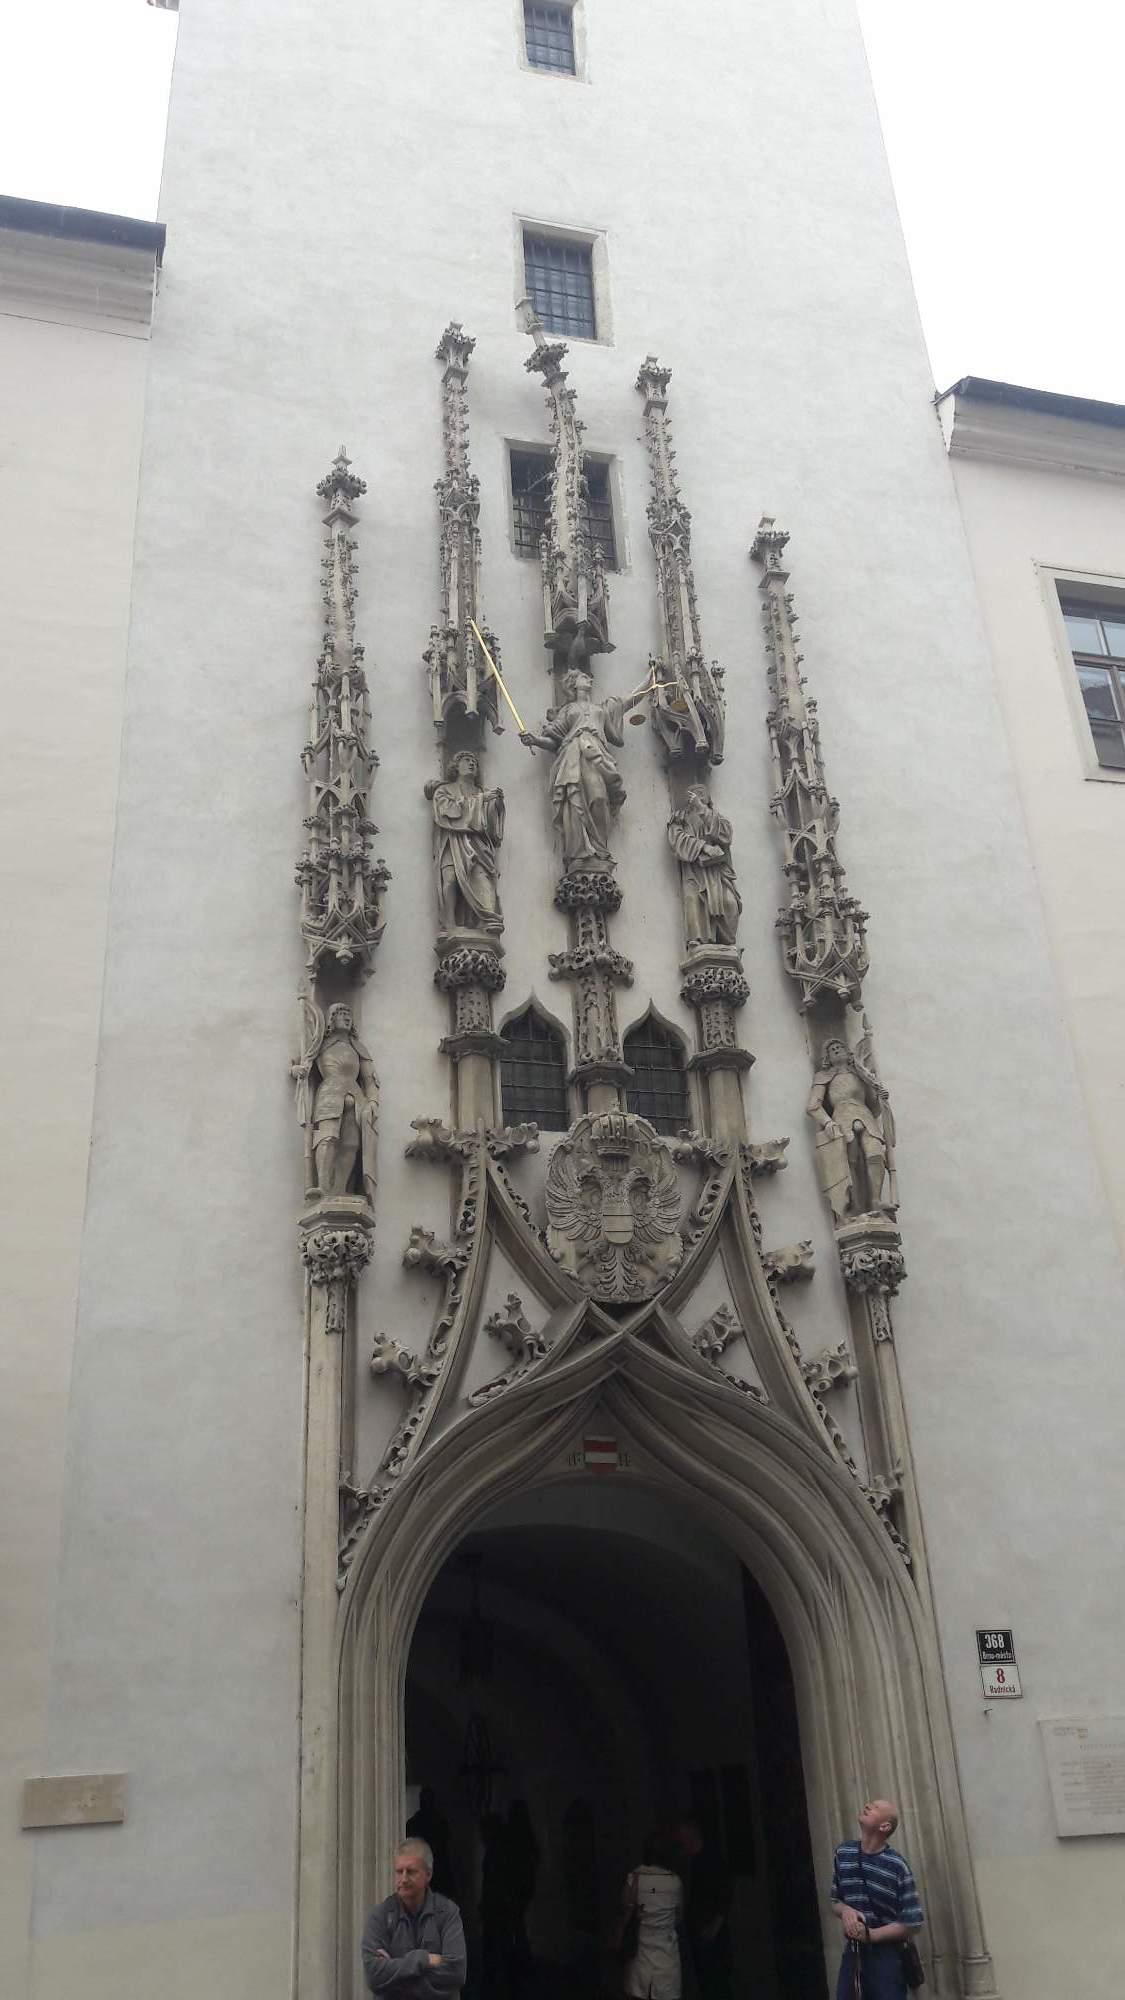 Portál Staré radnice na Radnické ulici v Brně. FOTO: Tereza Hálová